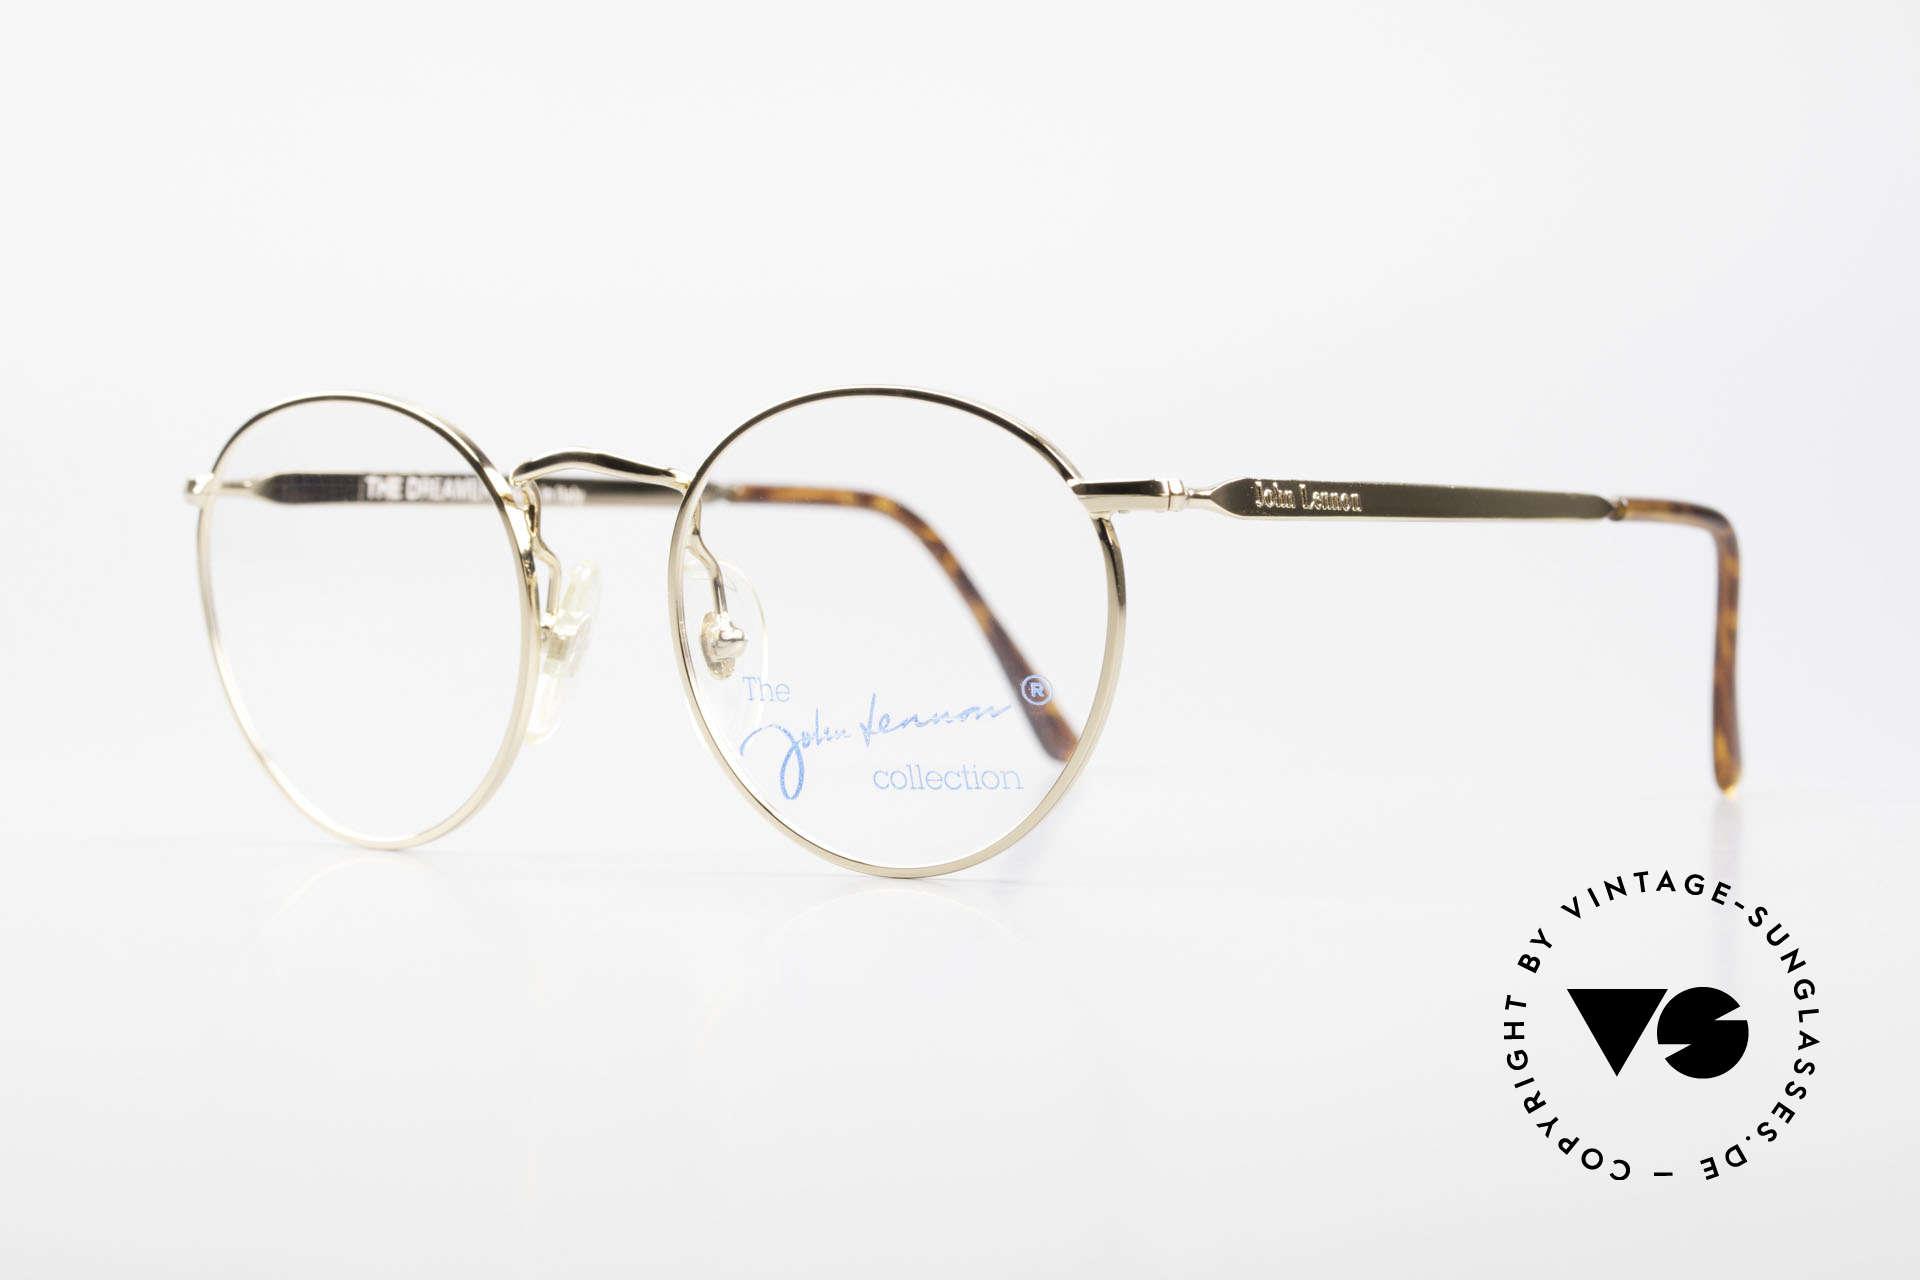 John Lennon - The Dreamer Extra Kleine Vintage Brille, benannt nach bekannten J. Lennon / Beatles Songs, Passend für Herren und Damen